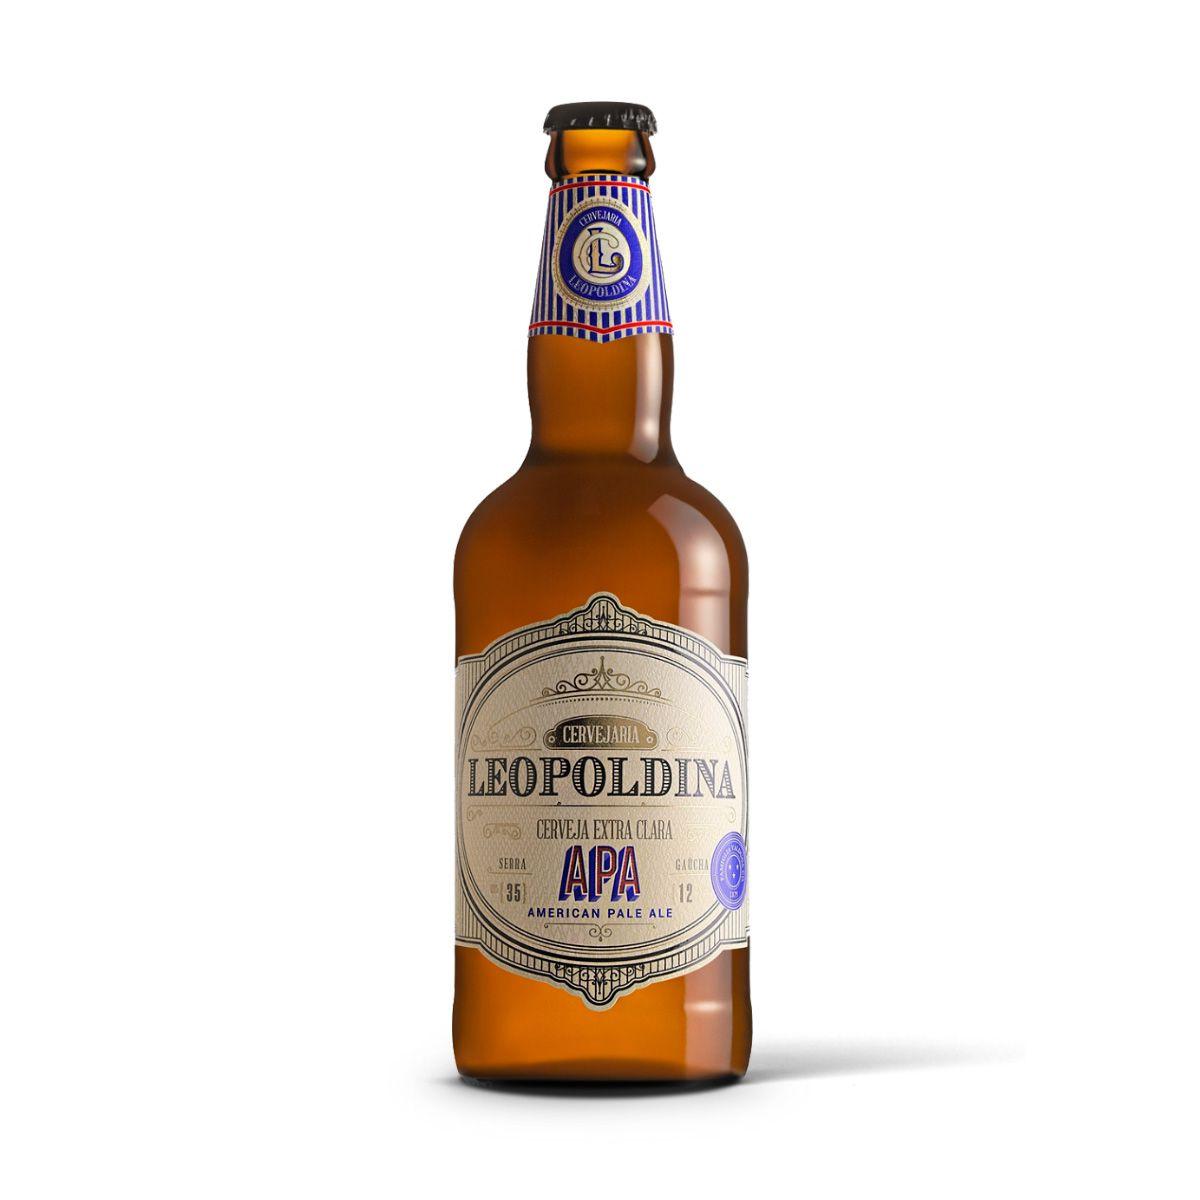 Leopoldina American Pale Ale APA 500ml